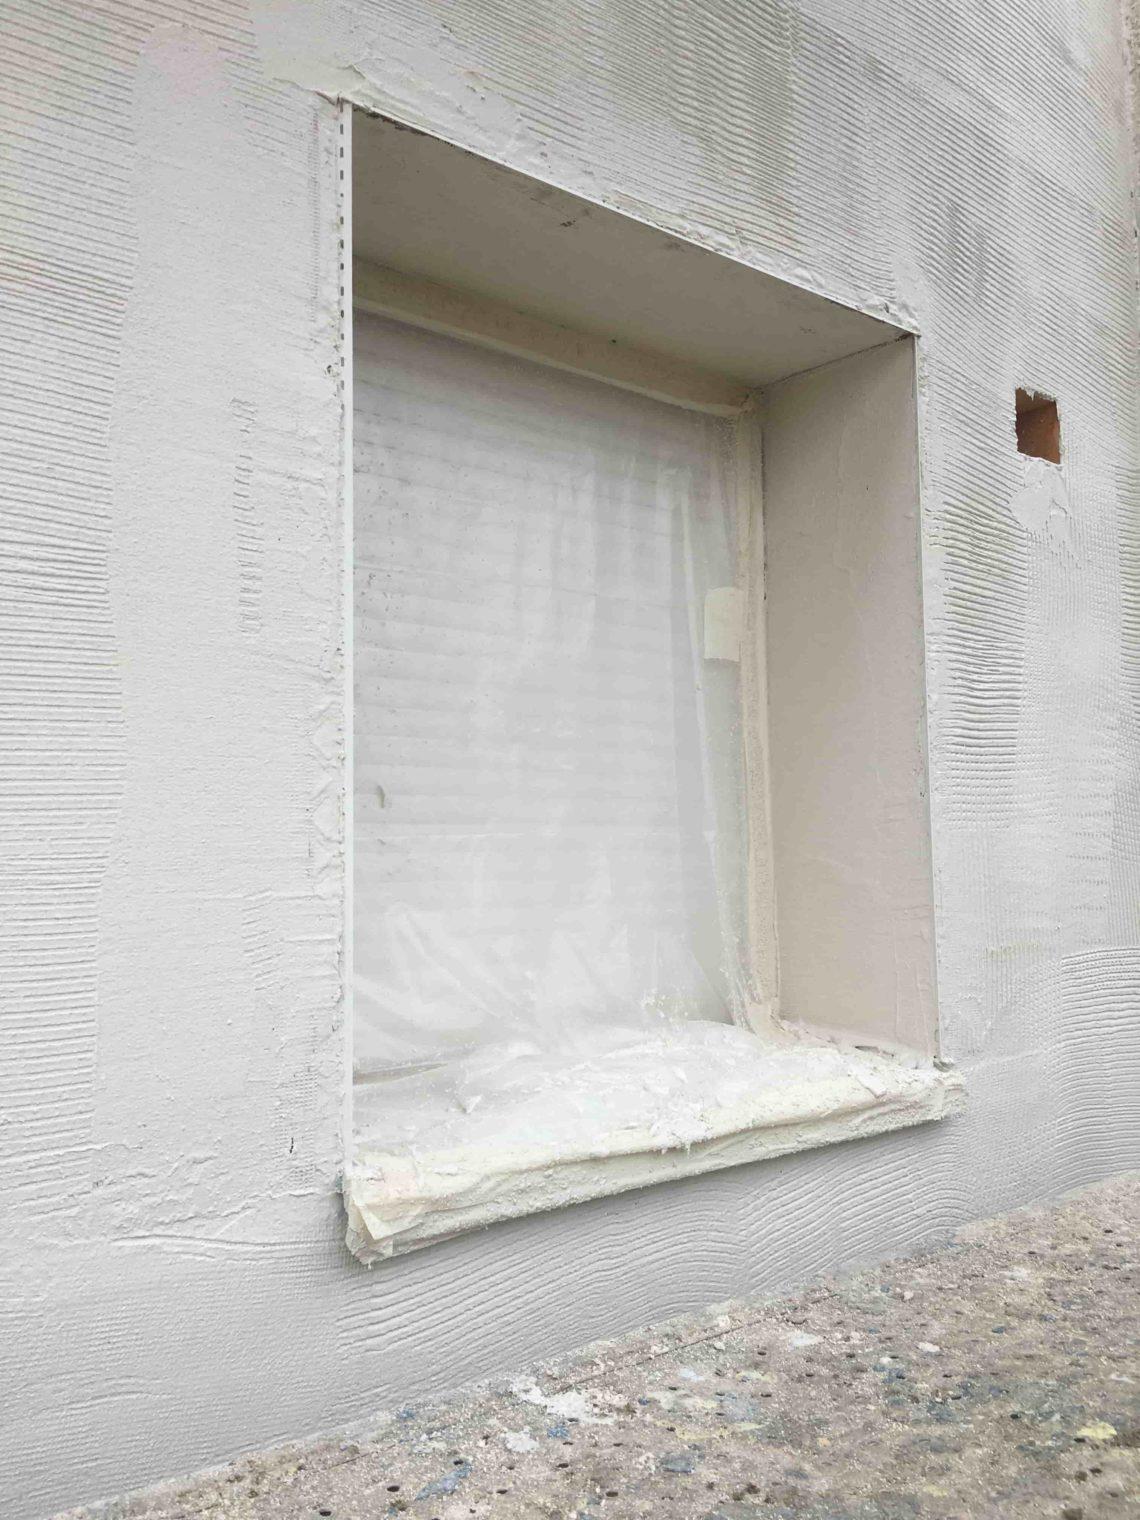 Urbel-isolation-facade-Lens-4-1140x1520.jpg